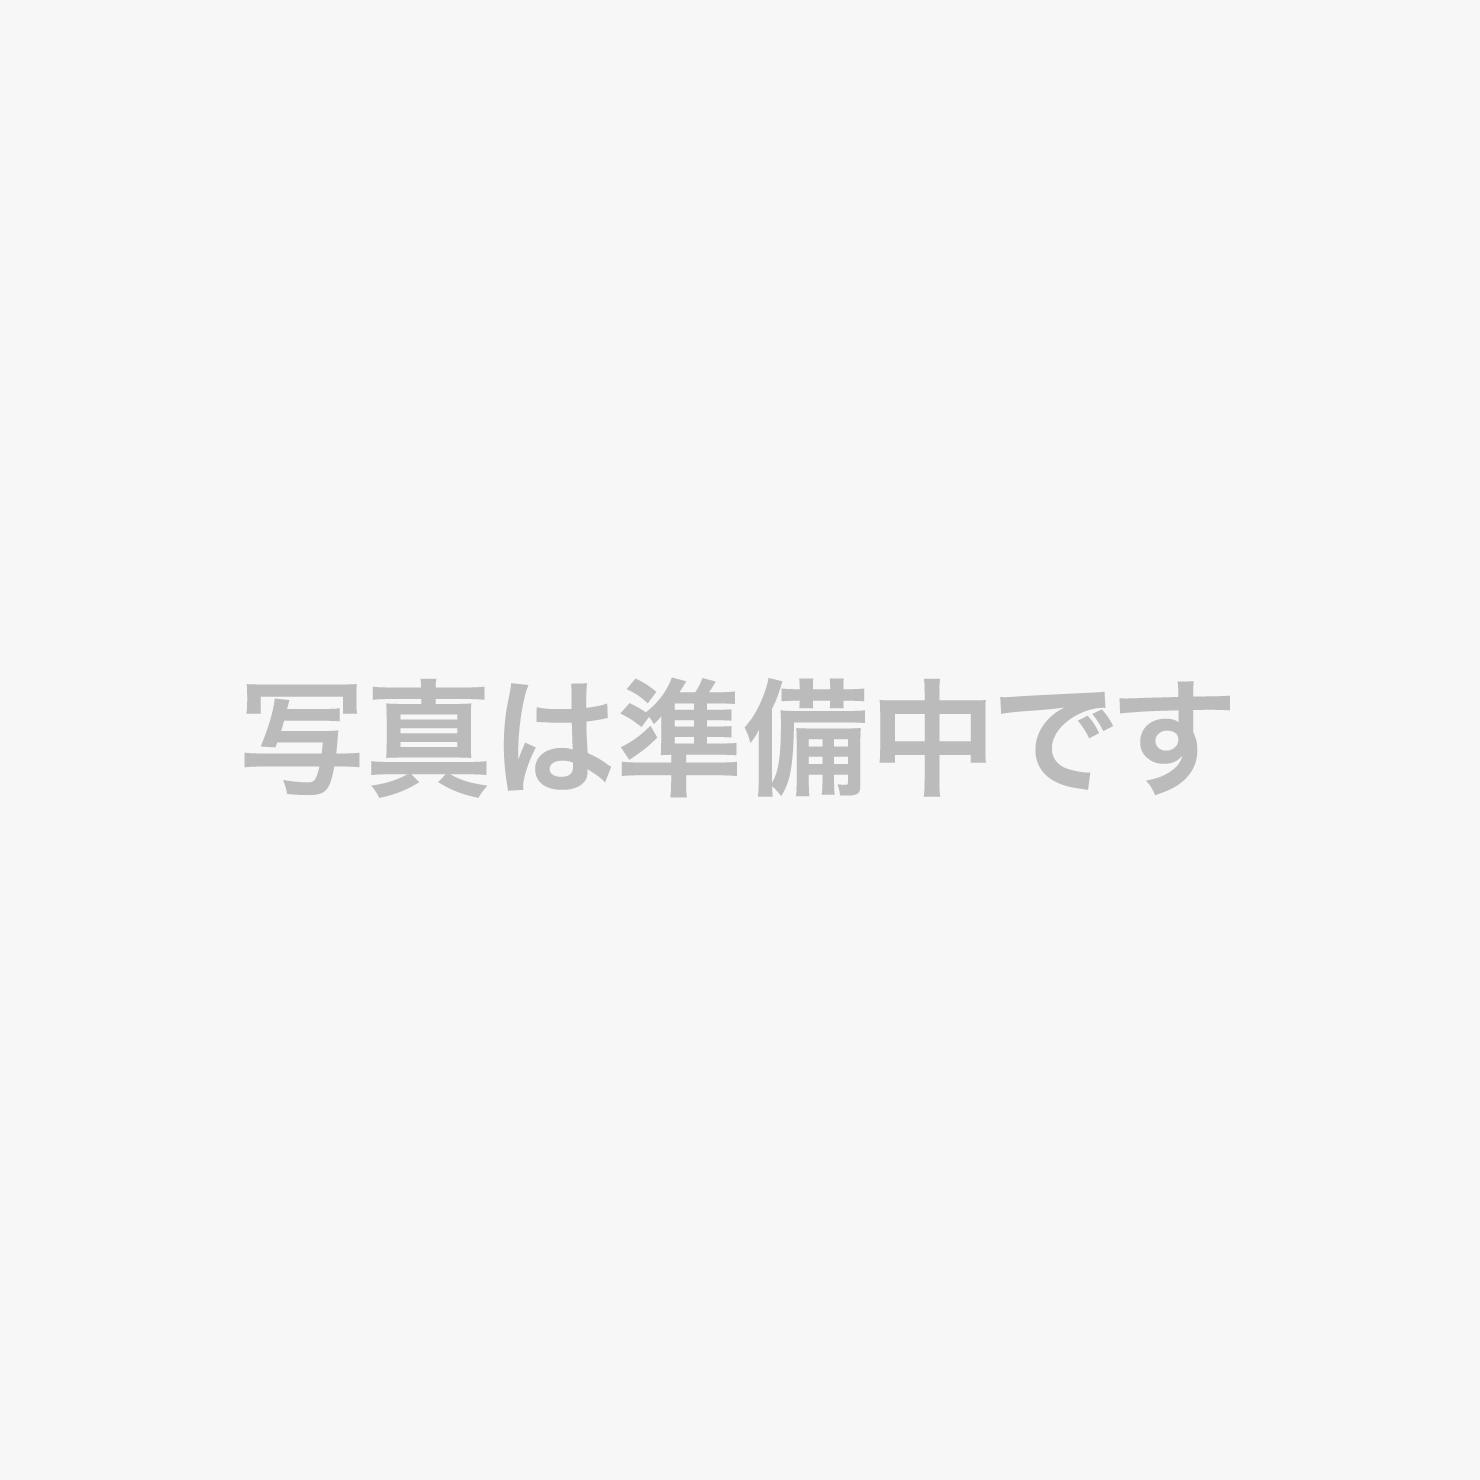 2019年9-10月のメインチョイス:伊豆のジビエ 鹿の銀杏味噌焼 ズッキーニ 人参 茄子 丸十